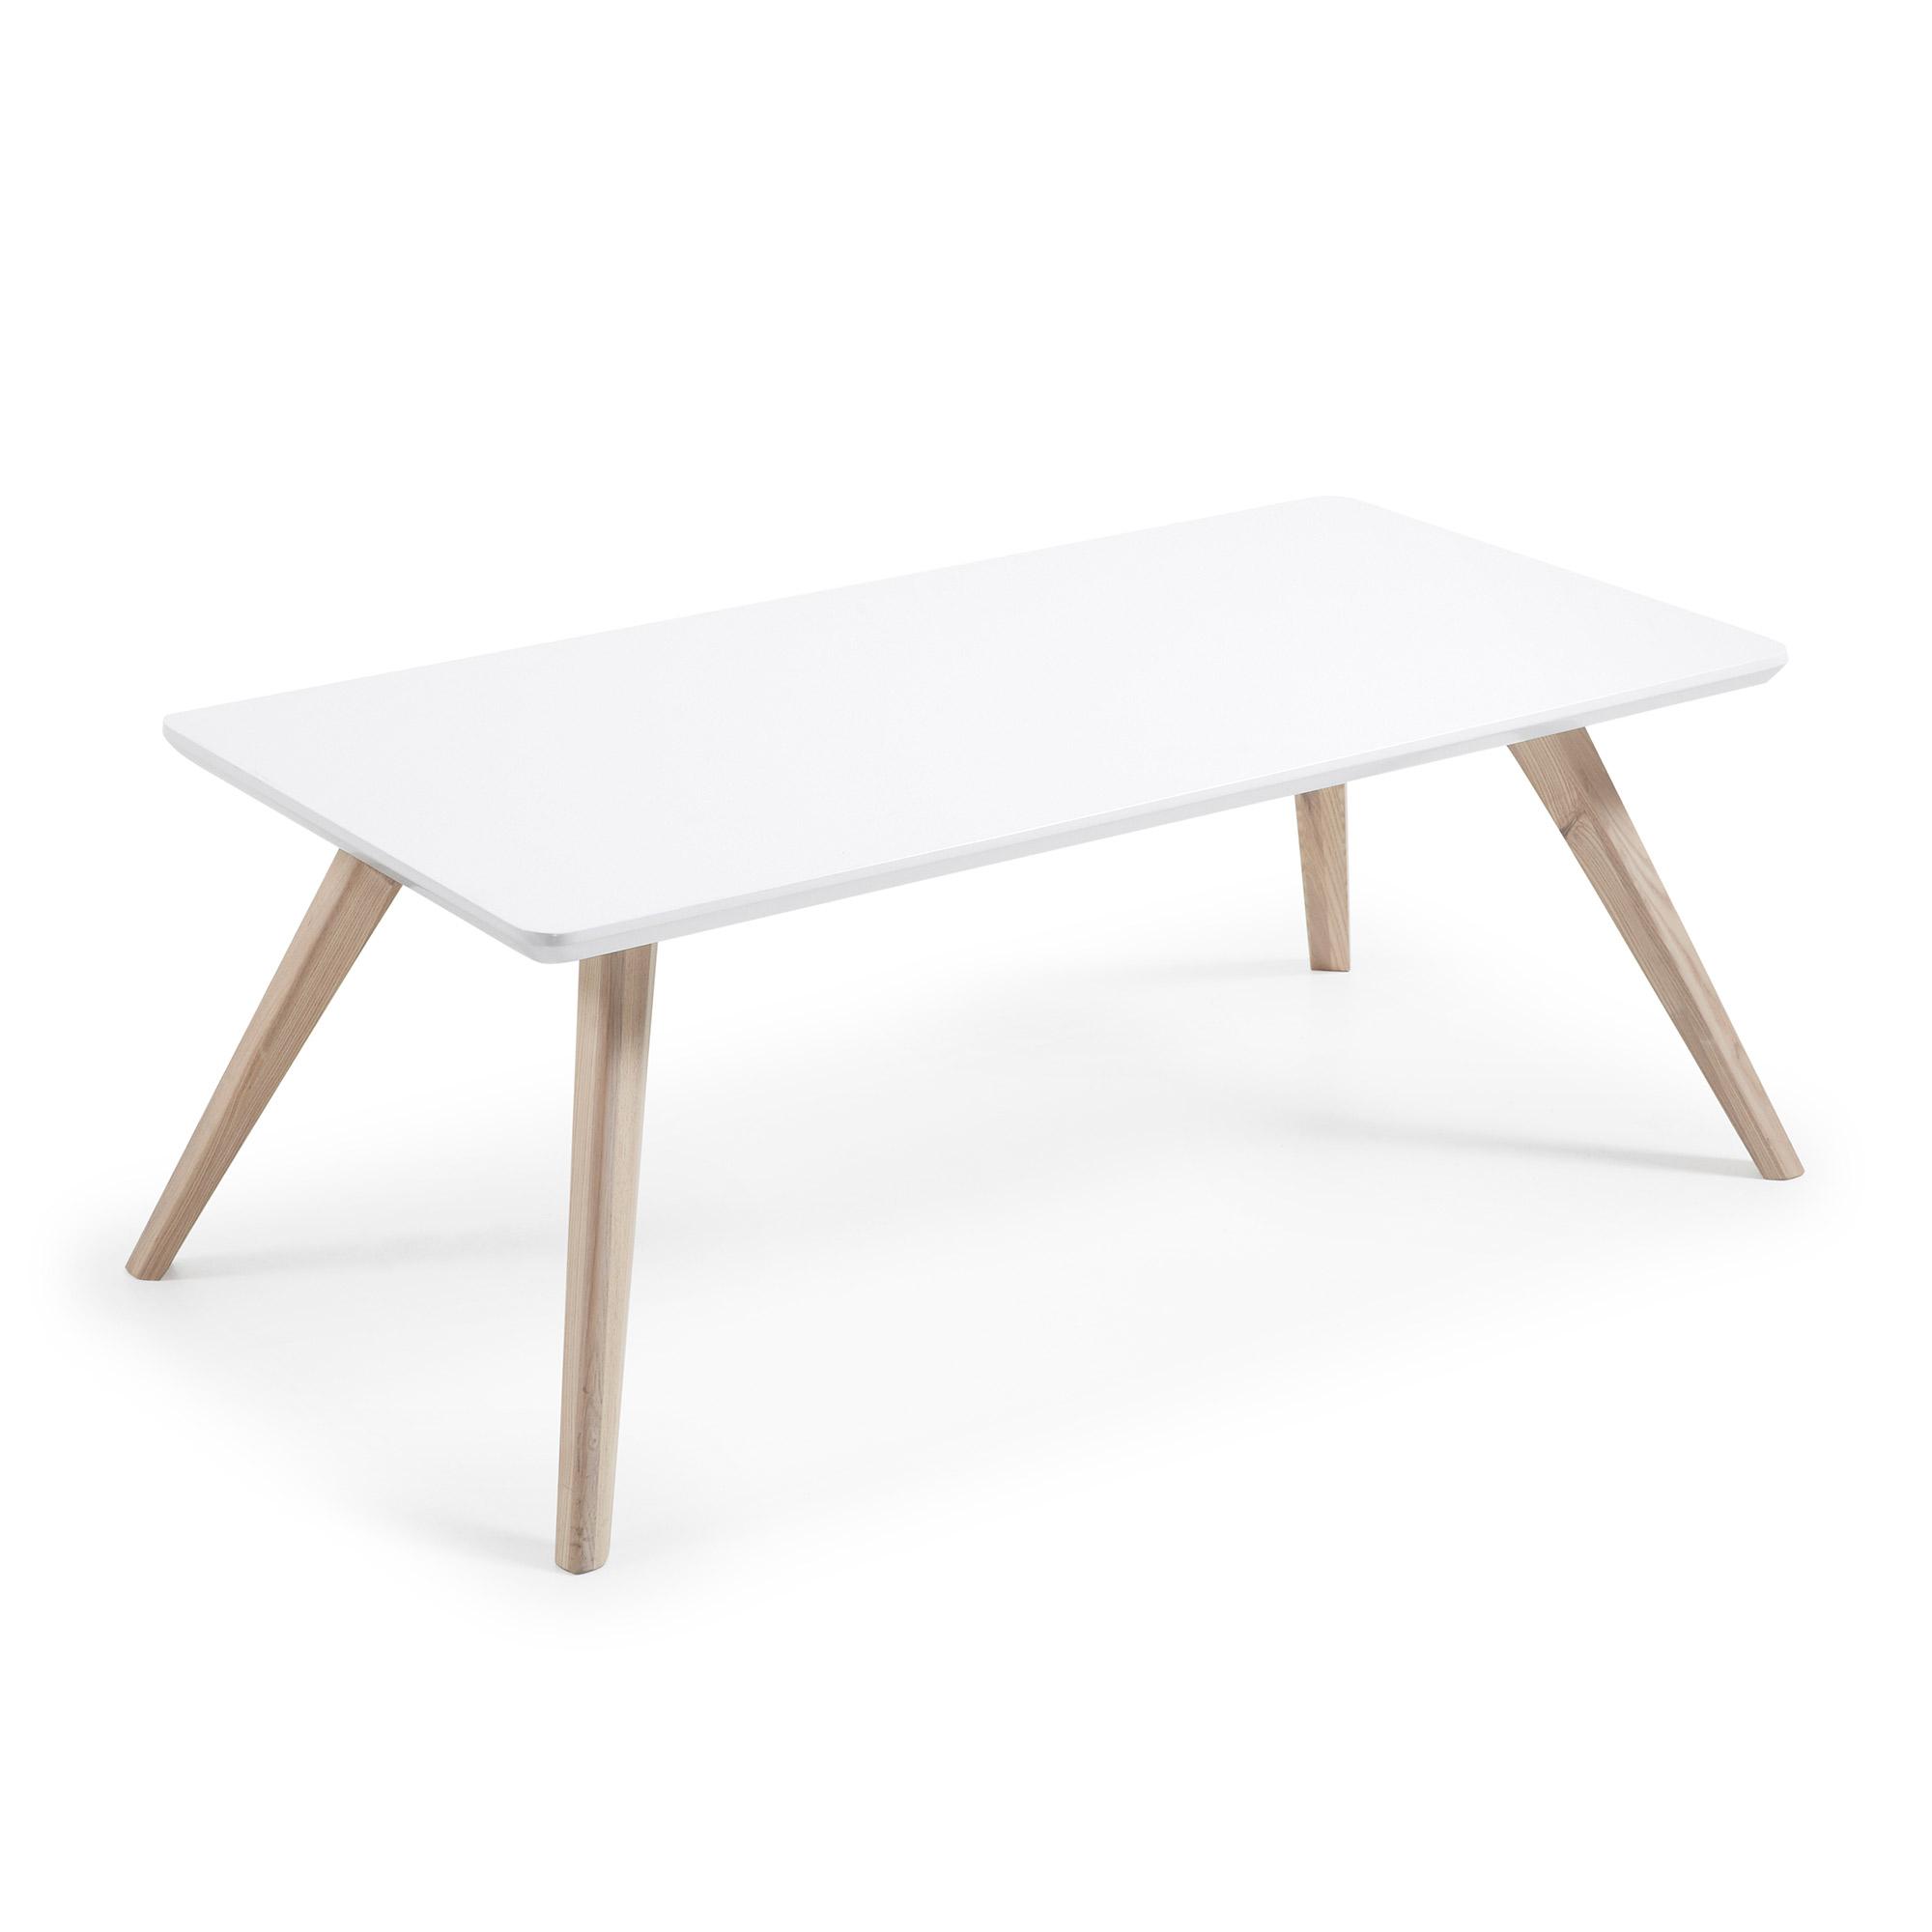 Laforma quatre sofabord - hvid/natur træ/asketræ, rektangulær (120x60) fra laforma på boboonline.dk